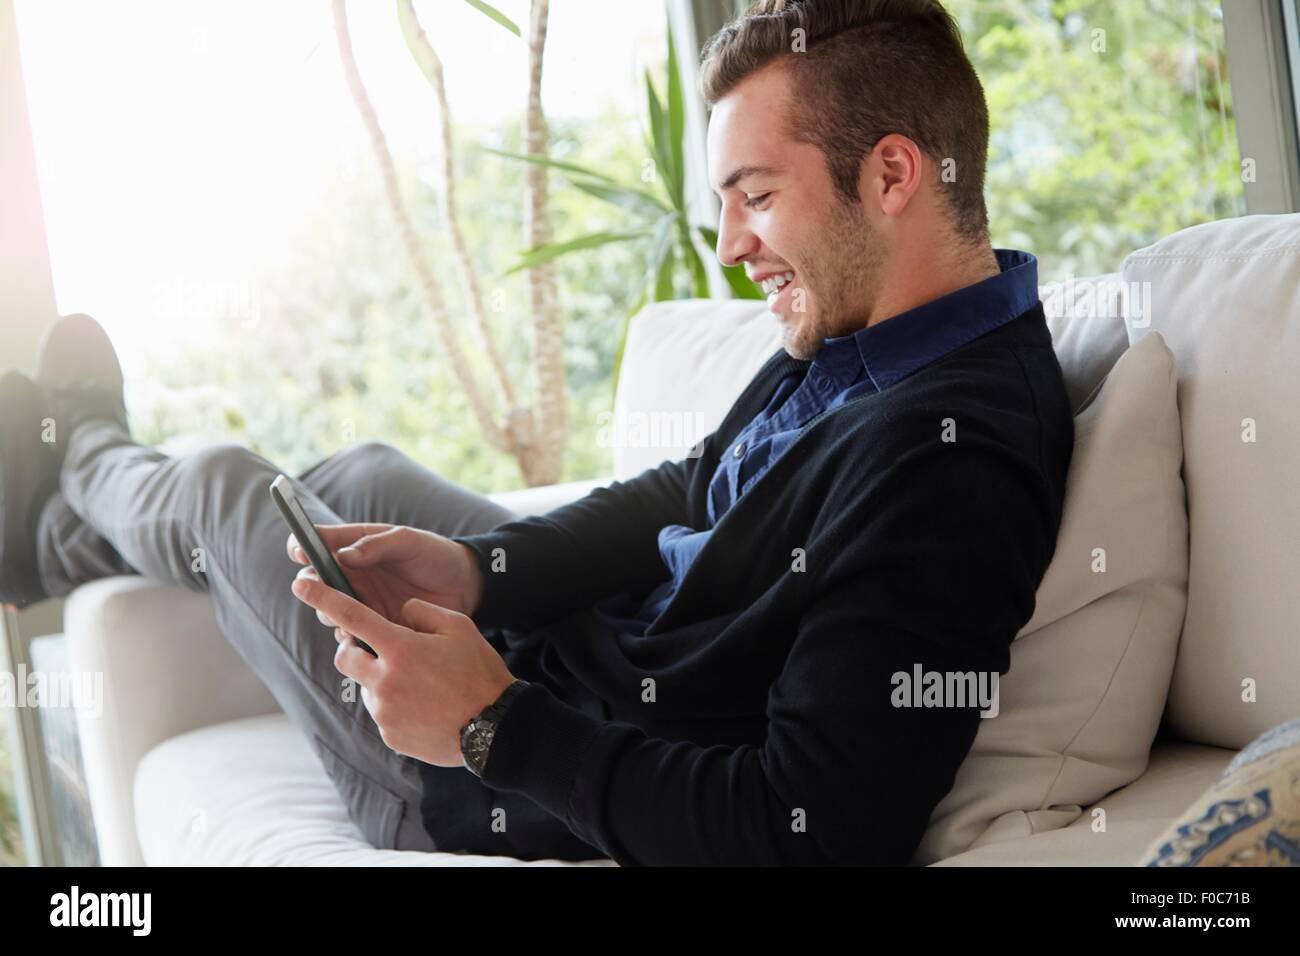 Portrait of man relaxing on sofa avec les pieds jusqu'à la périphérique de lecture numérique Photo Stock